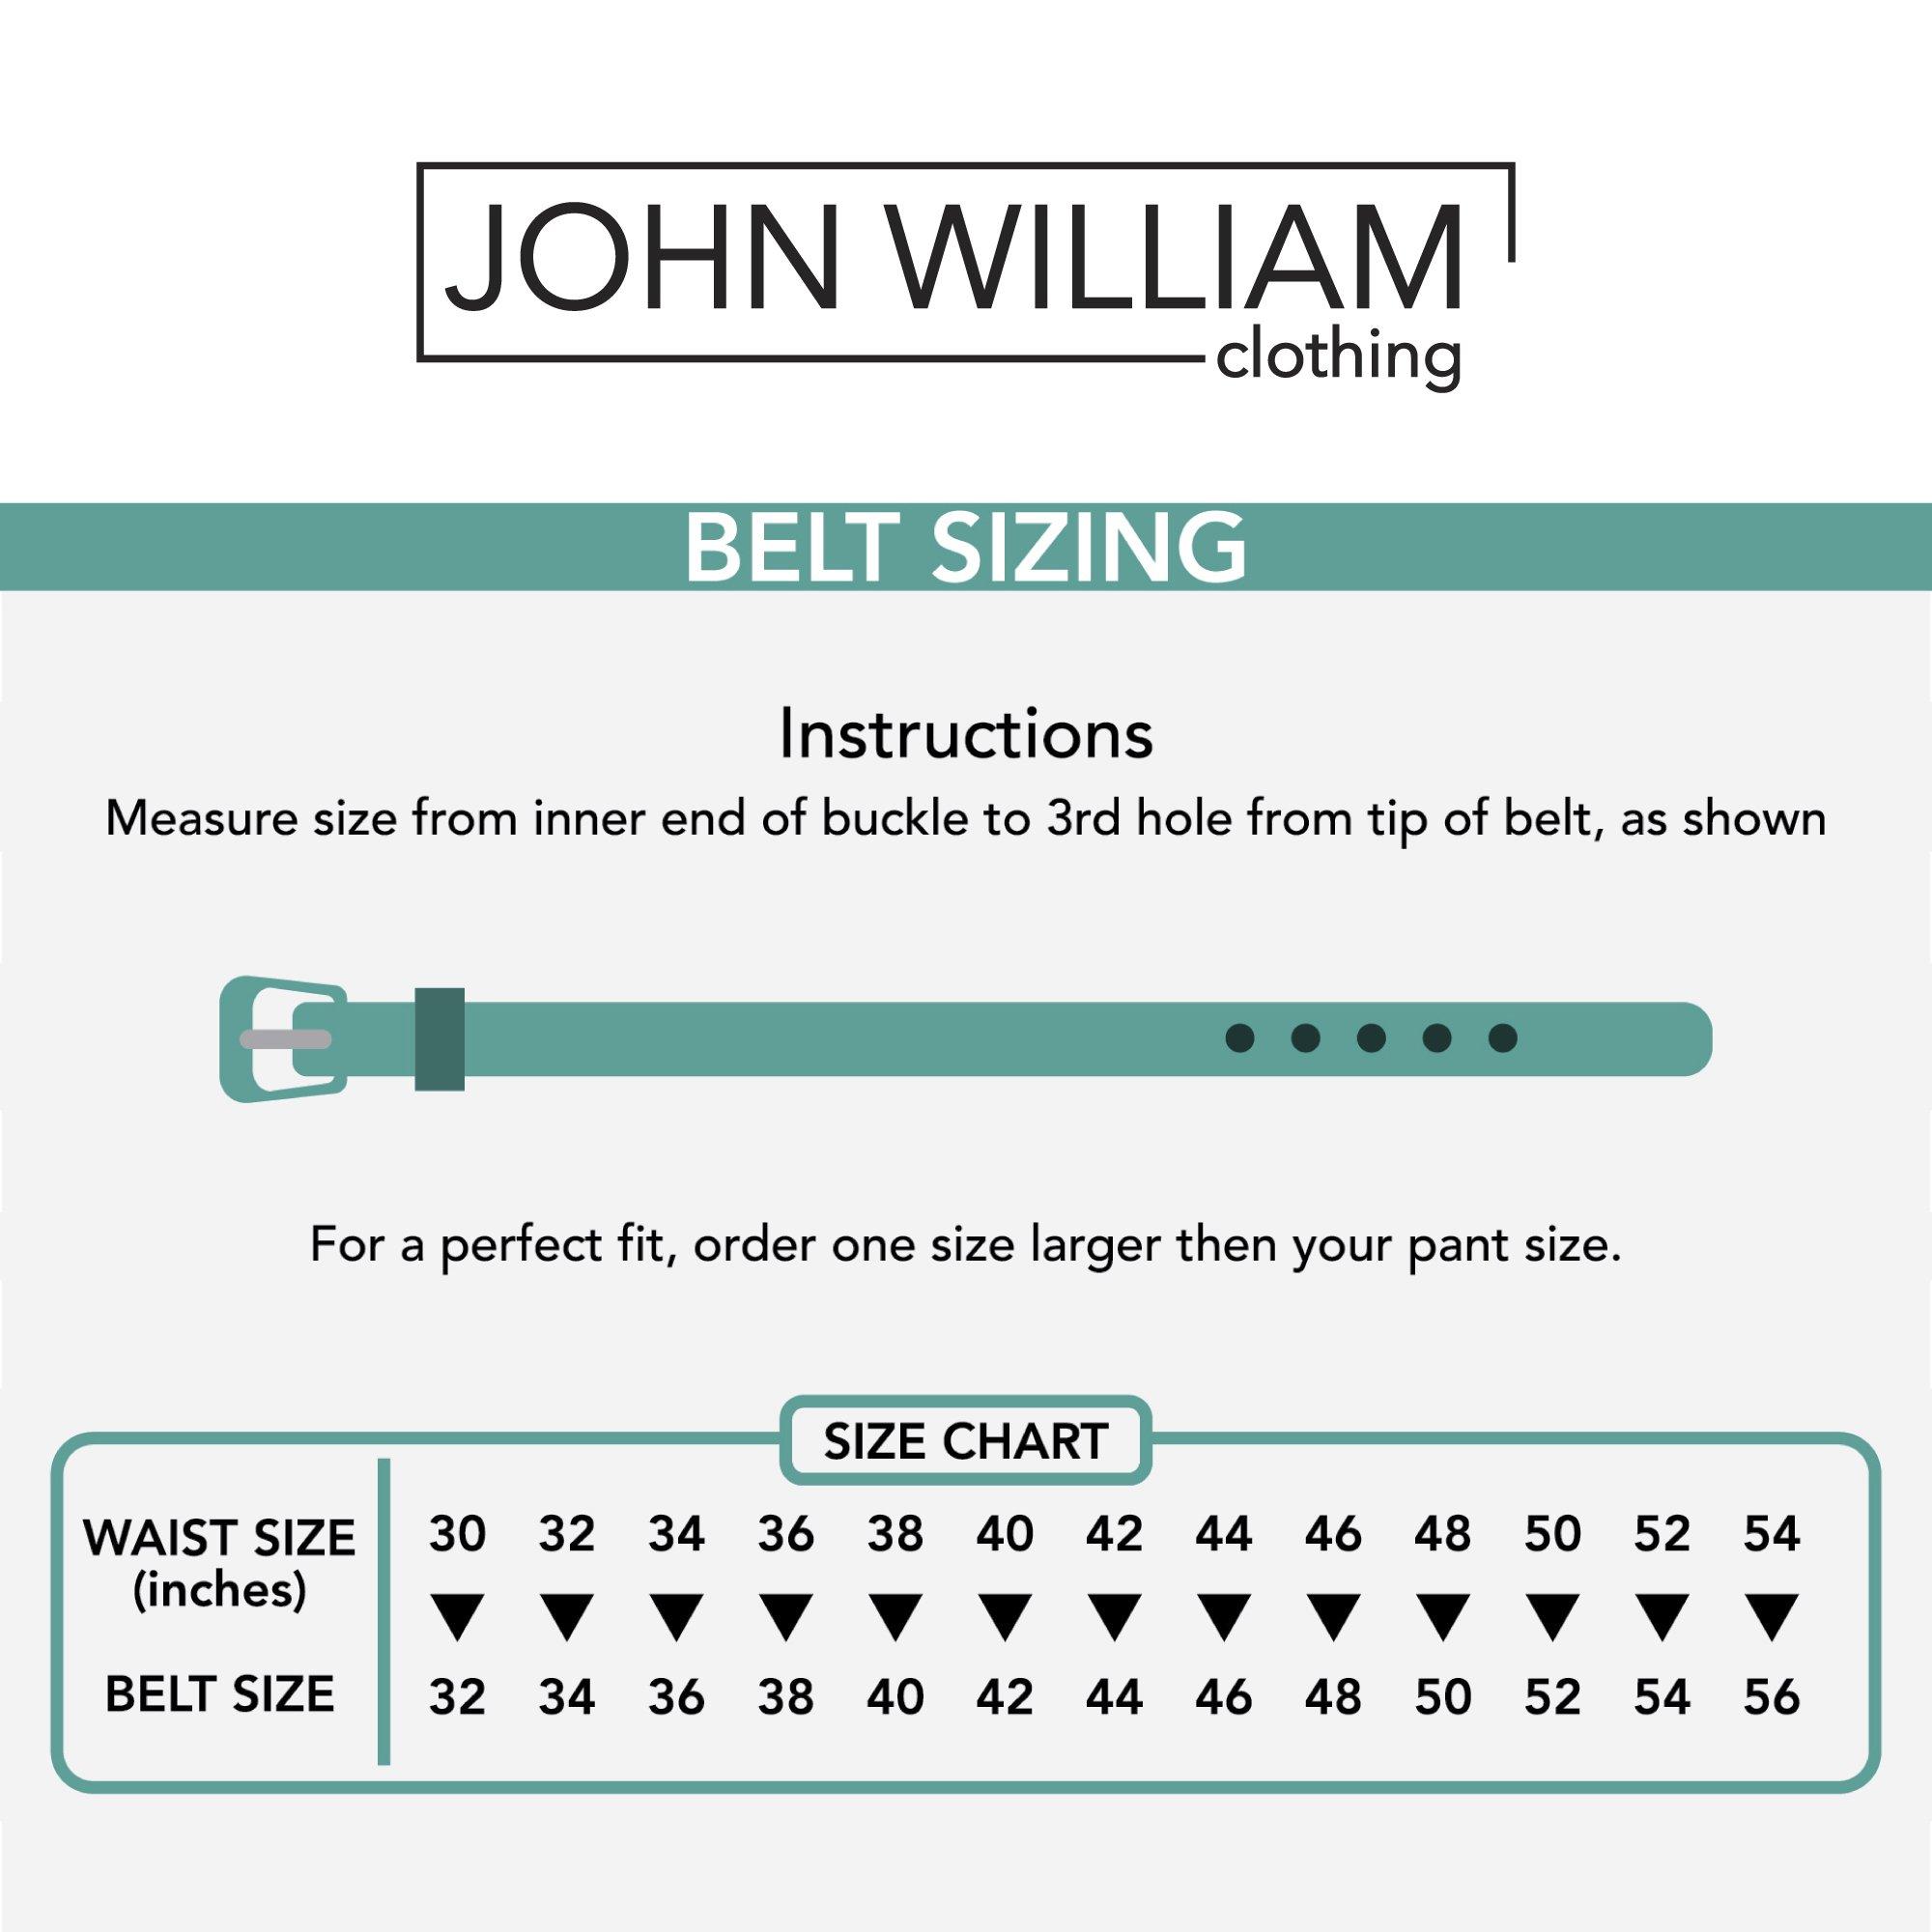 Leather Belts For Men - Mens Black Belt - 1.25'' Dress & Casual Men's Belt in Gift Bag - 36 by John William Clothing (Image #7)